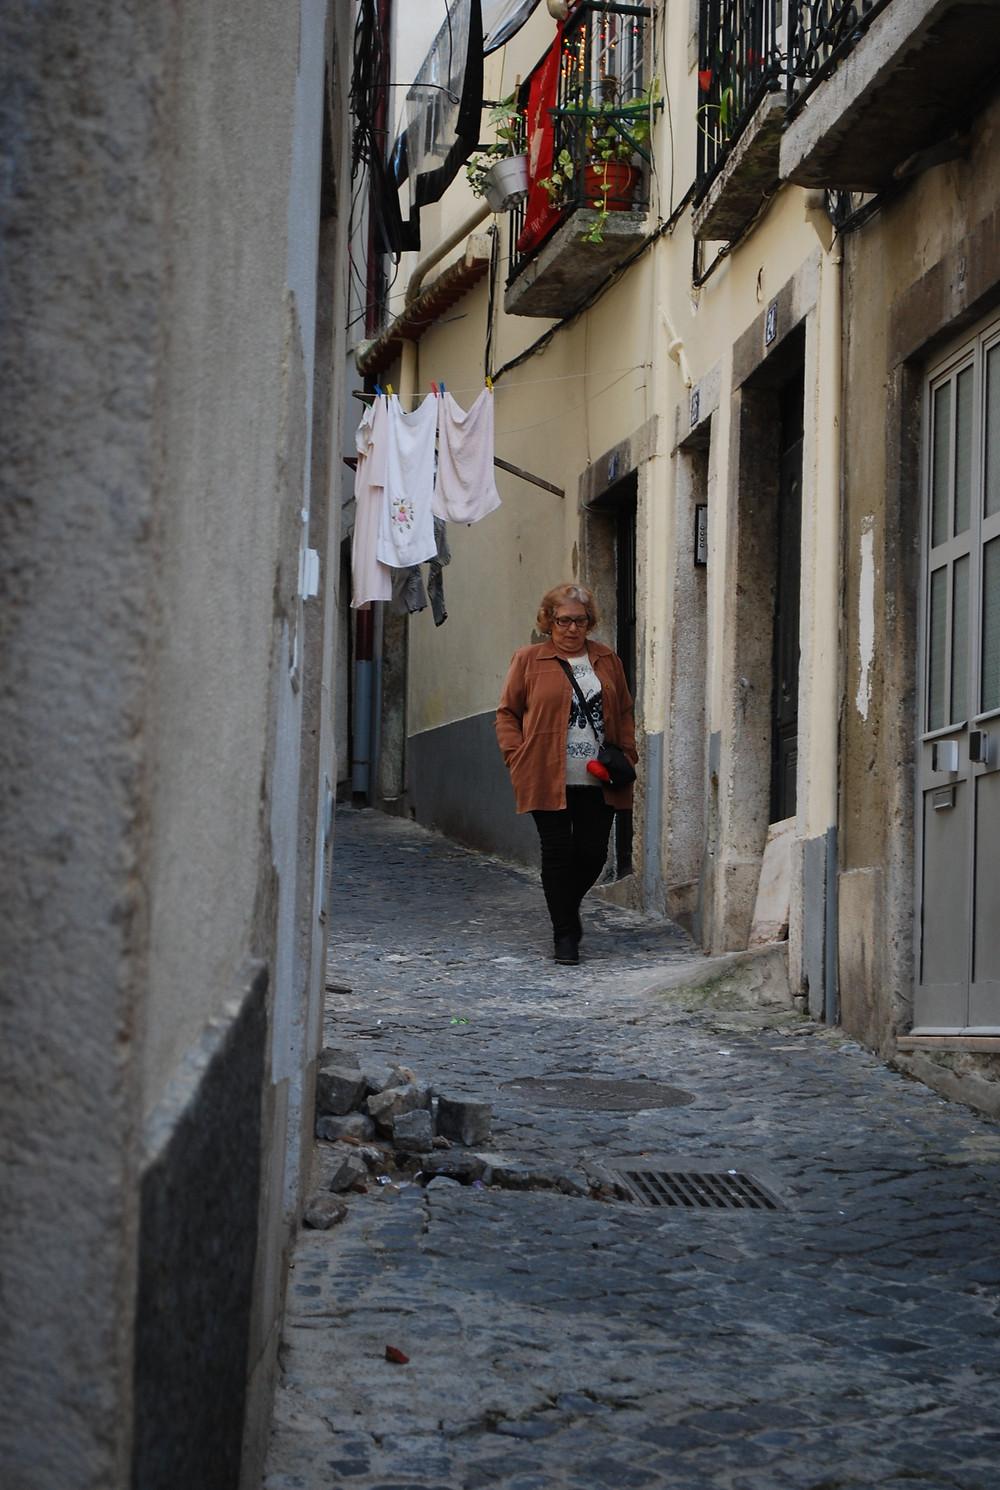 Lisbonne en dehors des sentiers battus - Voyage à Lisbonne blog